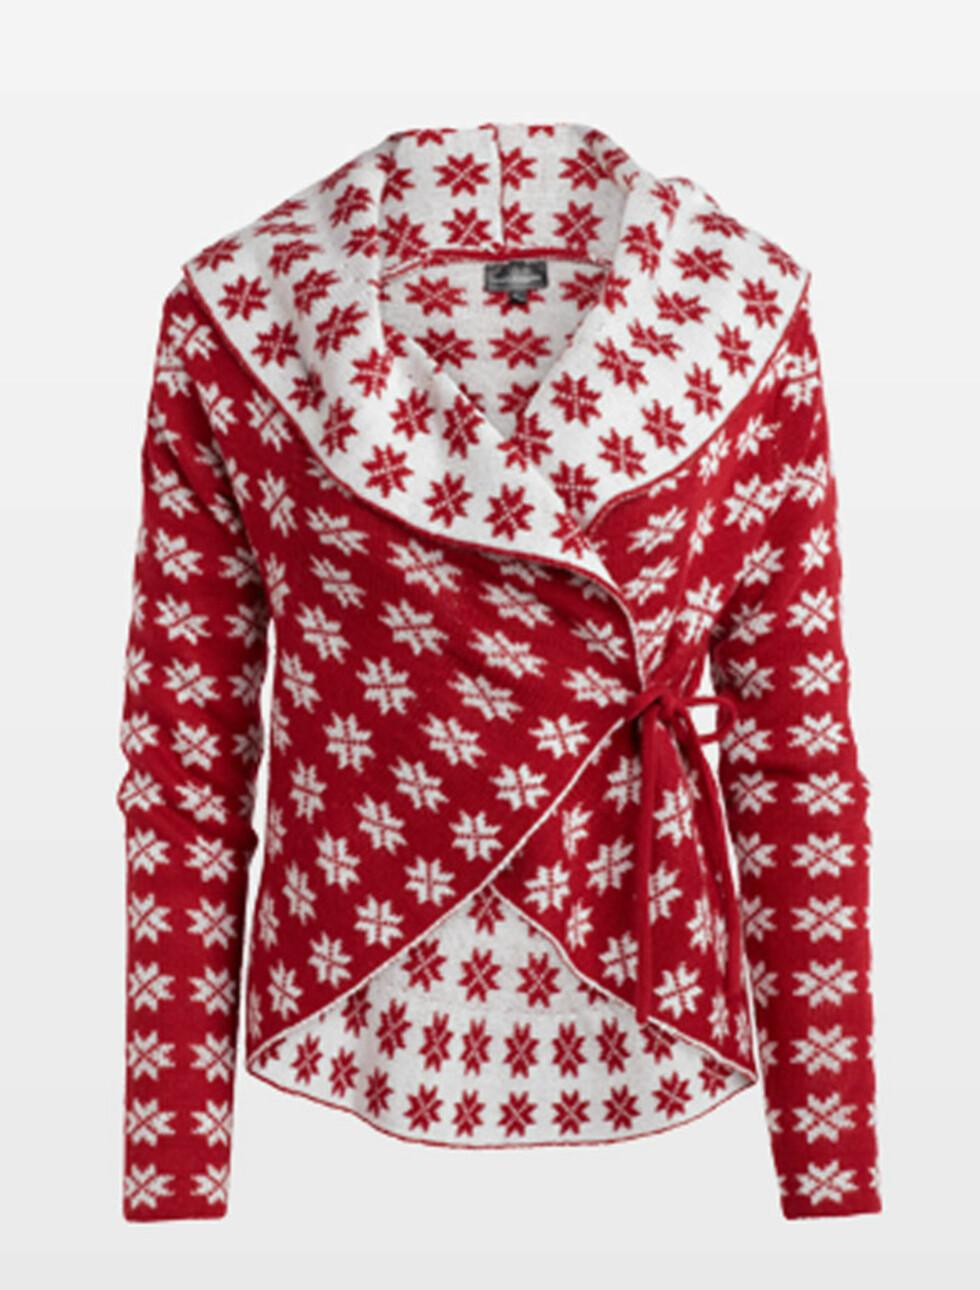 Pakk deg inn i en jule-cardigan (kr 399, KappAhl). Foto: Produsenten